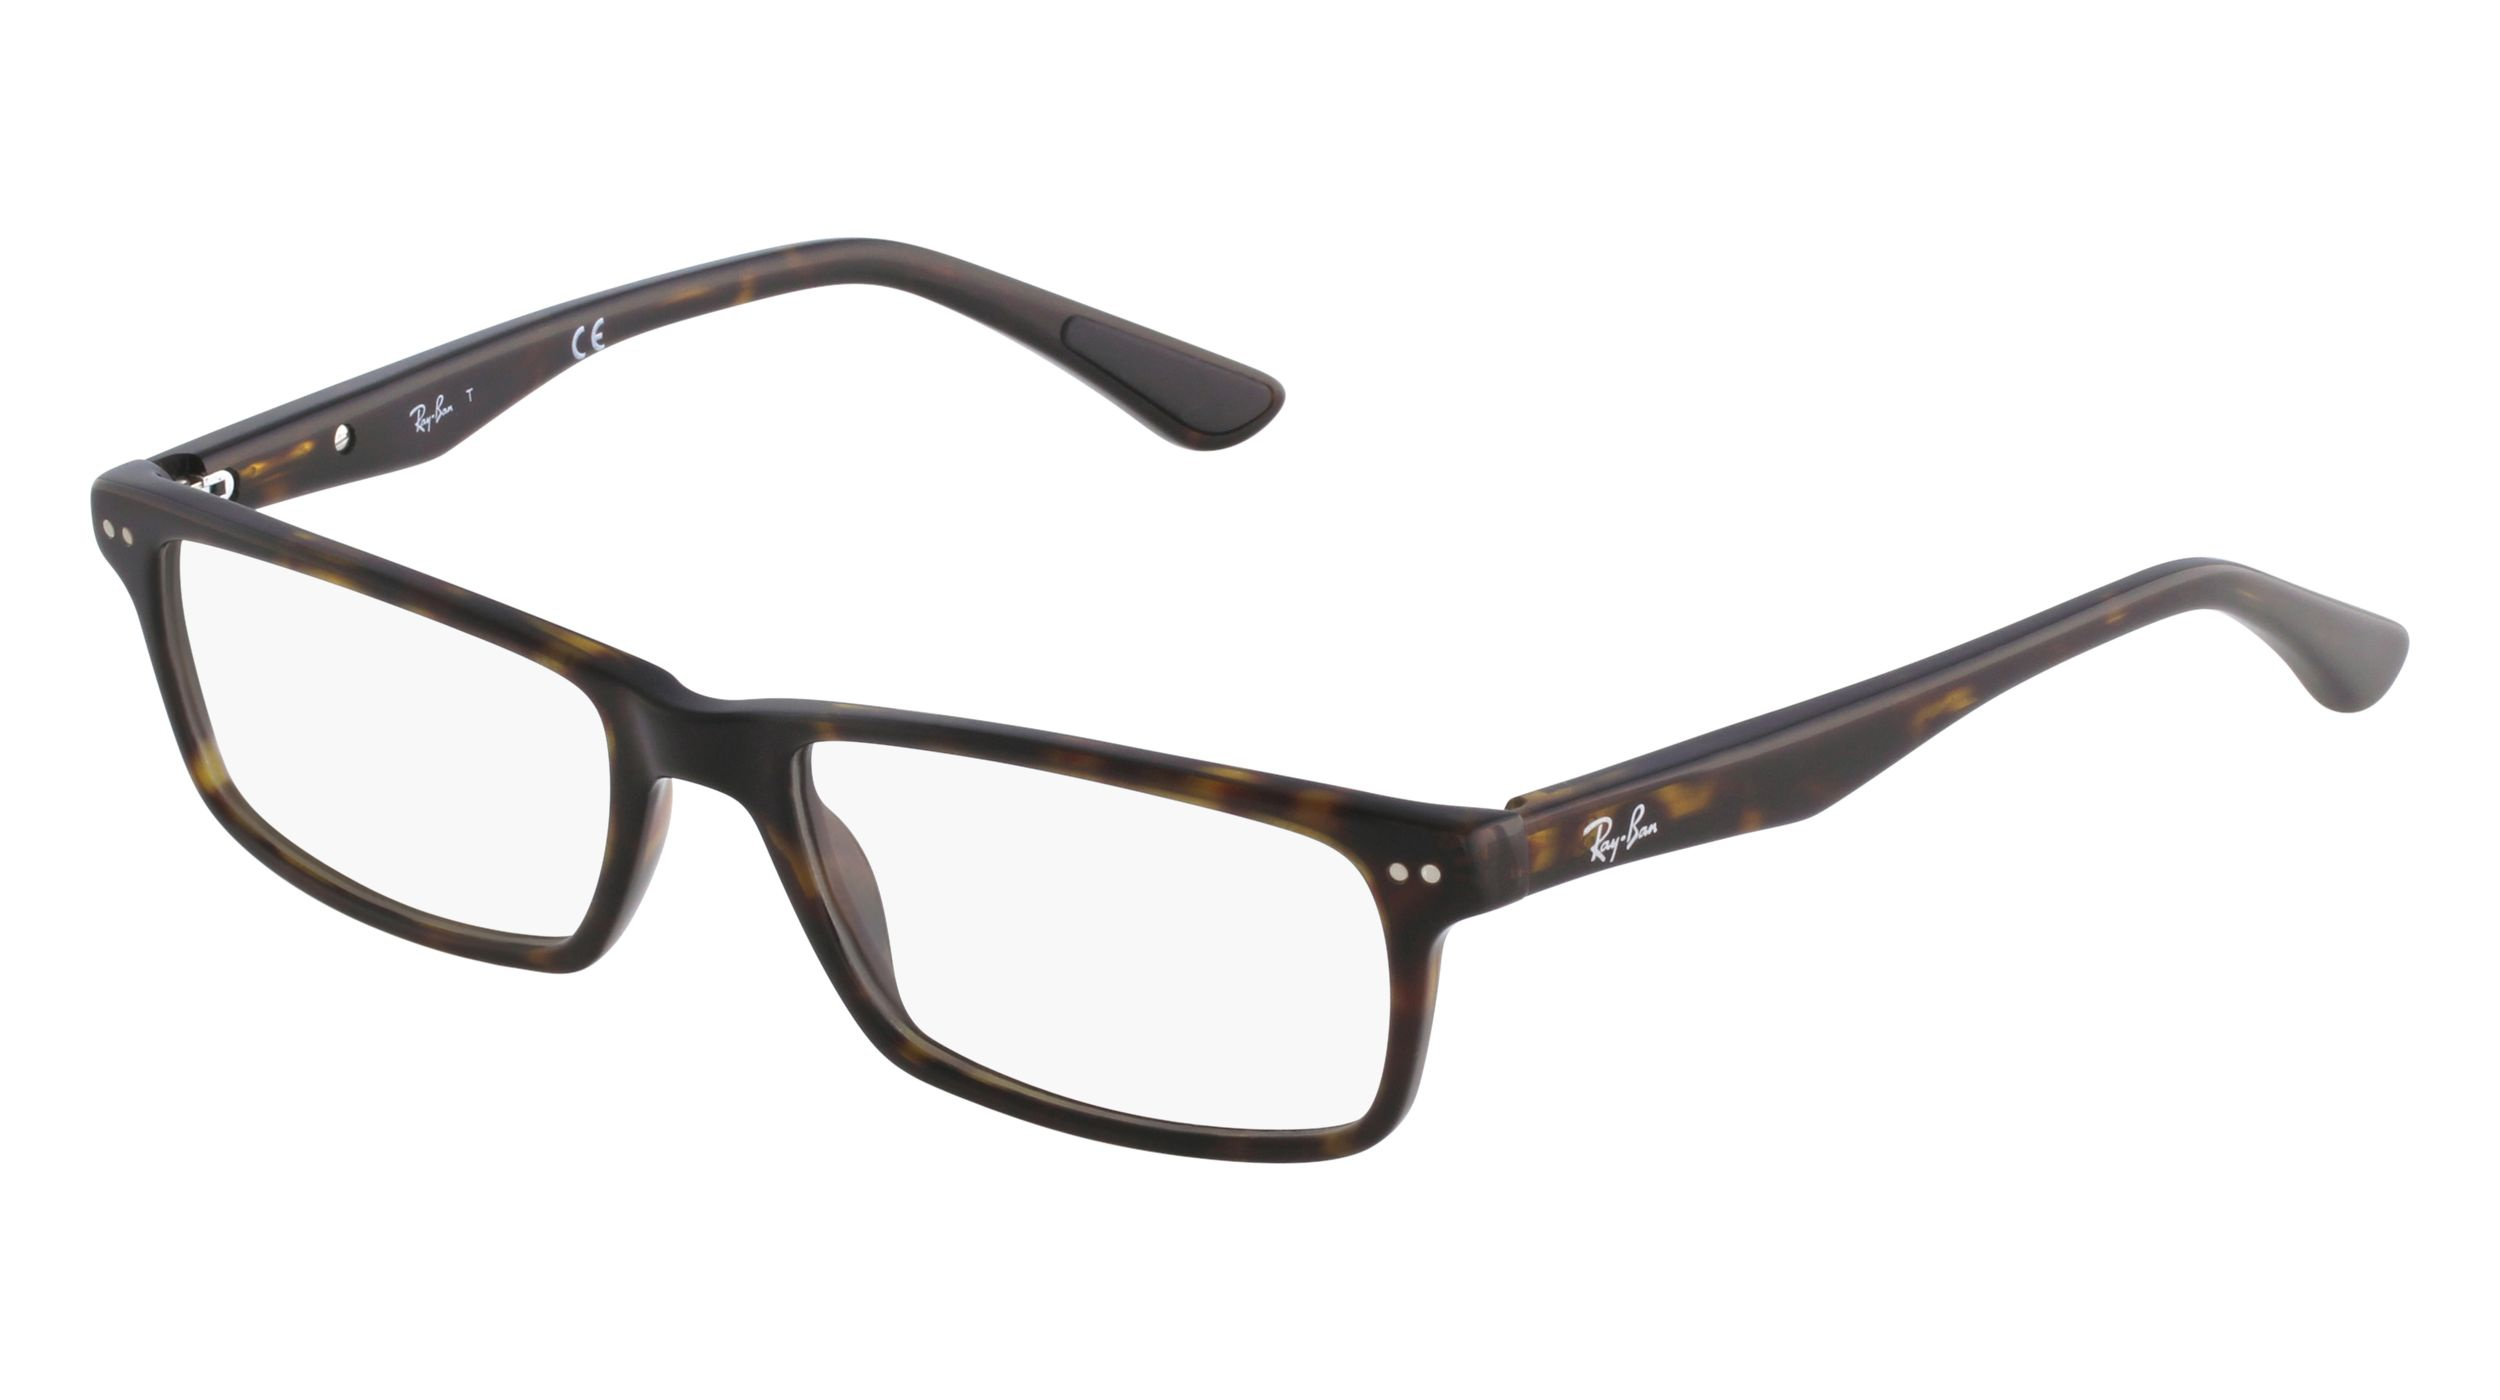 Lunettes de vue : une multiplication des lunettes